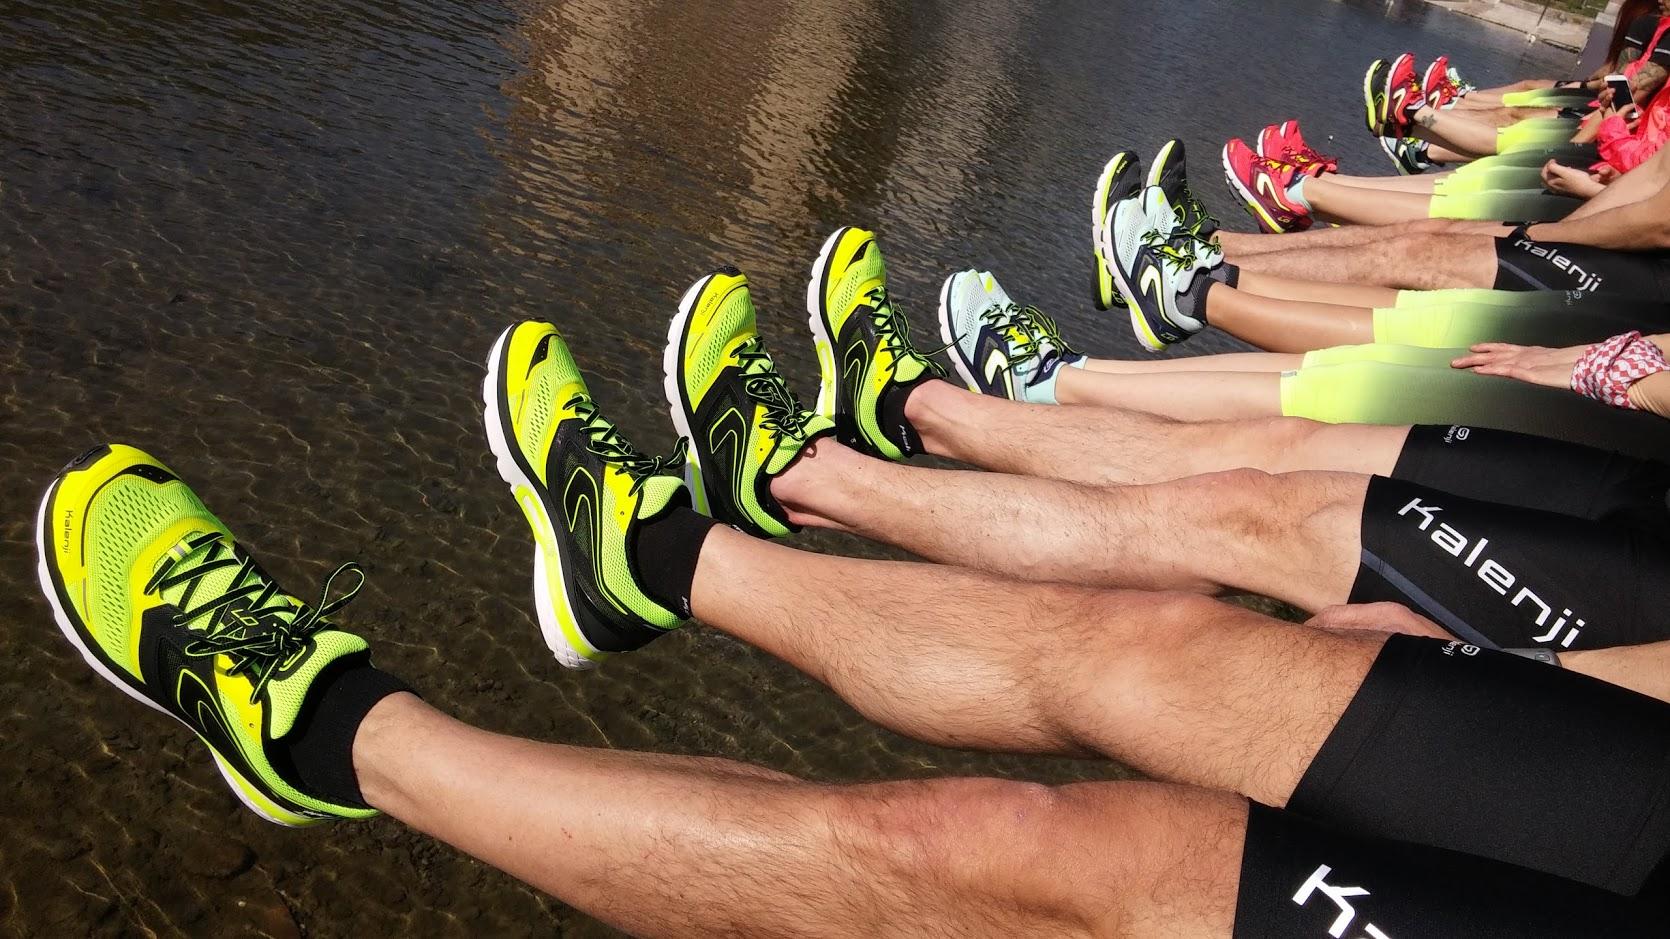 ec90ca29e459 Provate per voi: nuove Kiprun LD e SD. La scarpa per tutti!   Running Italia